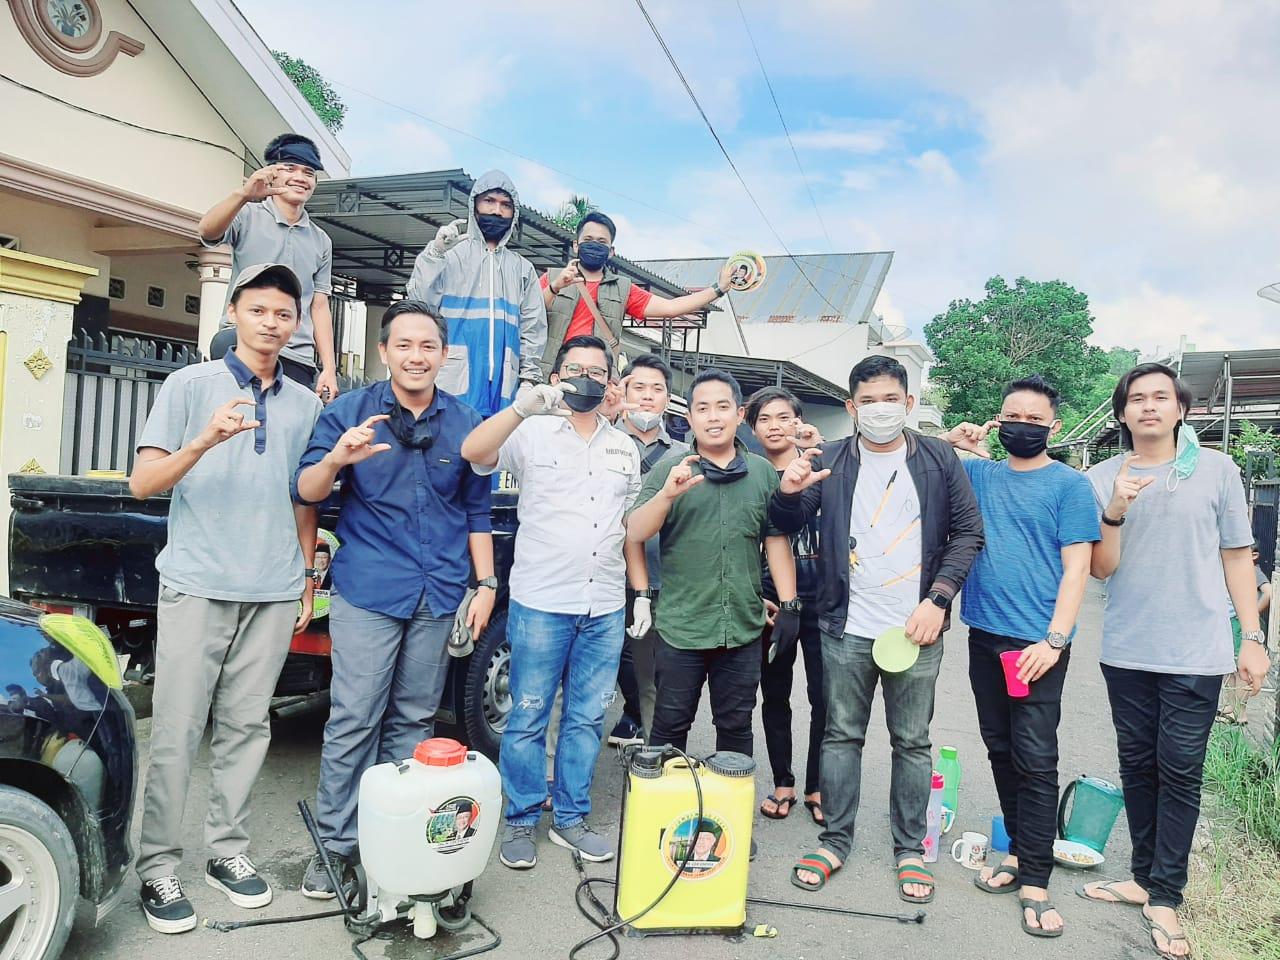 Anak-anak muda relawan Cek Endra berjibaku menyemprotkan Disinfektan di lingkungan warga kota